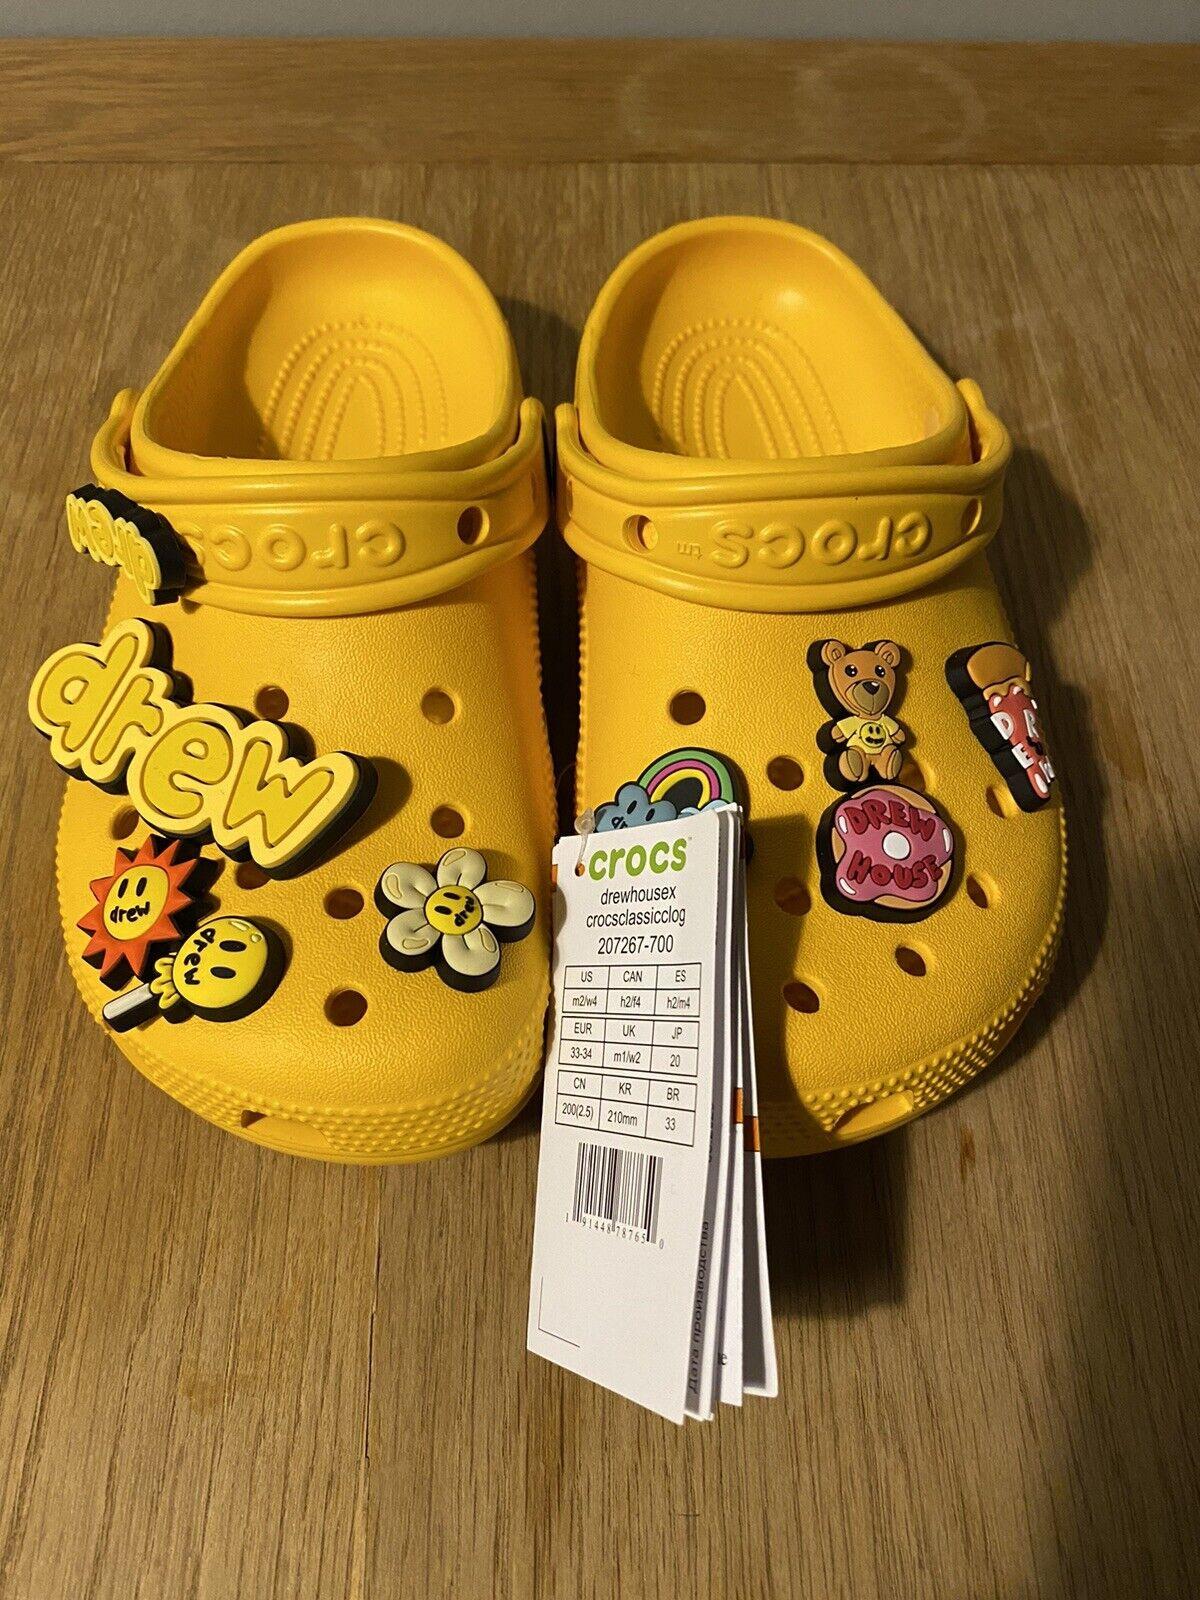 Crocs X Justin Bieber with Drew House U.K. M1 W2 US M2 W4 EUR 33-34 Rare BNWT